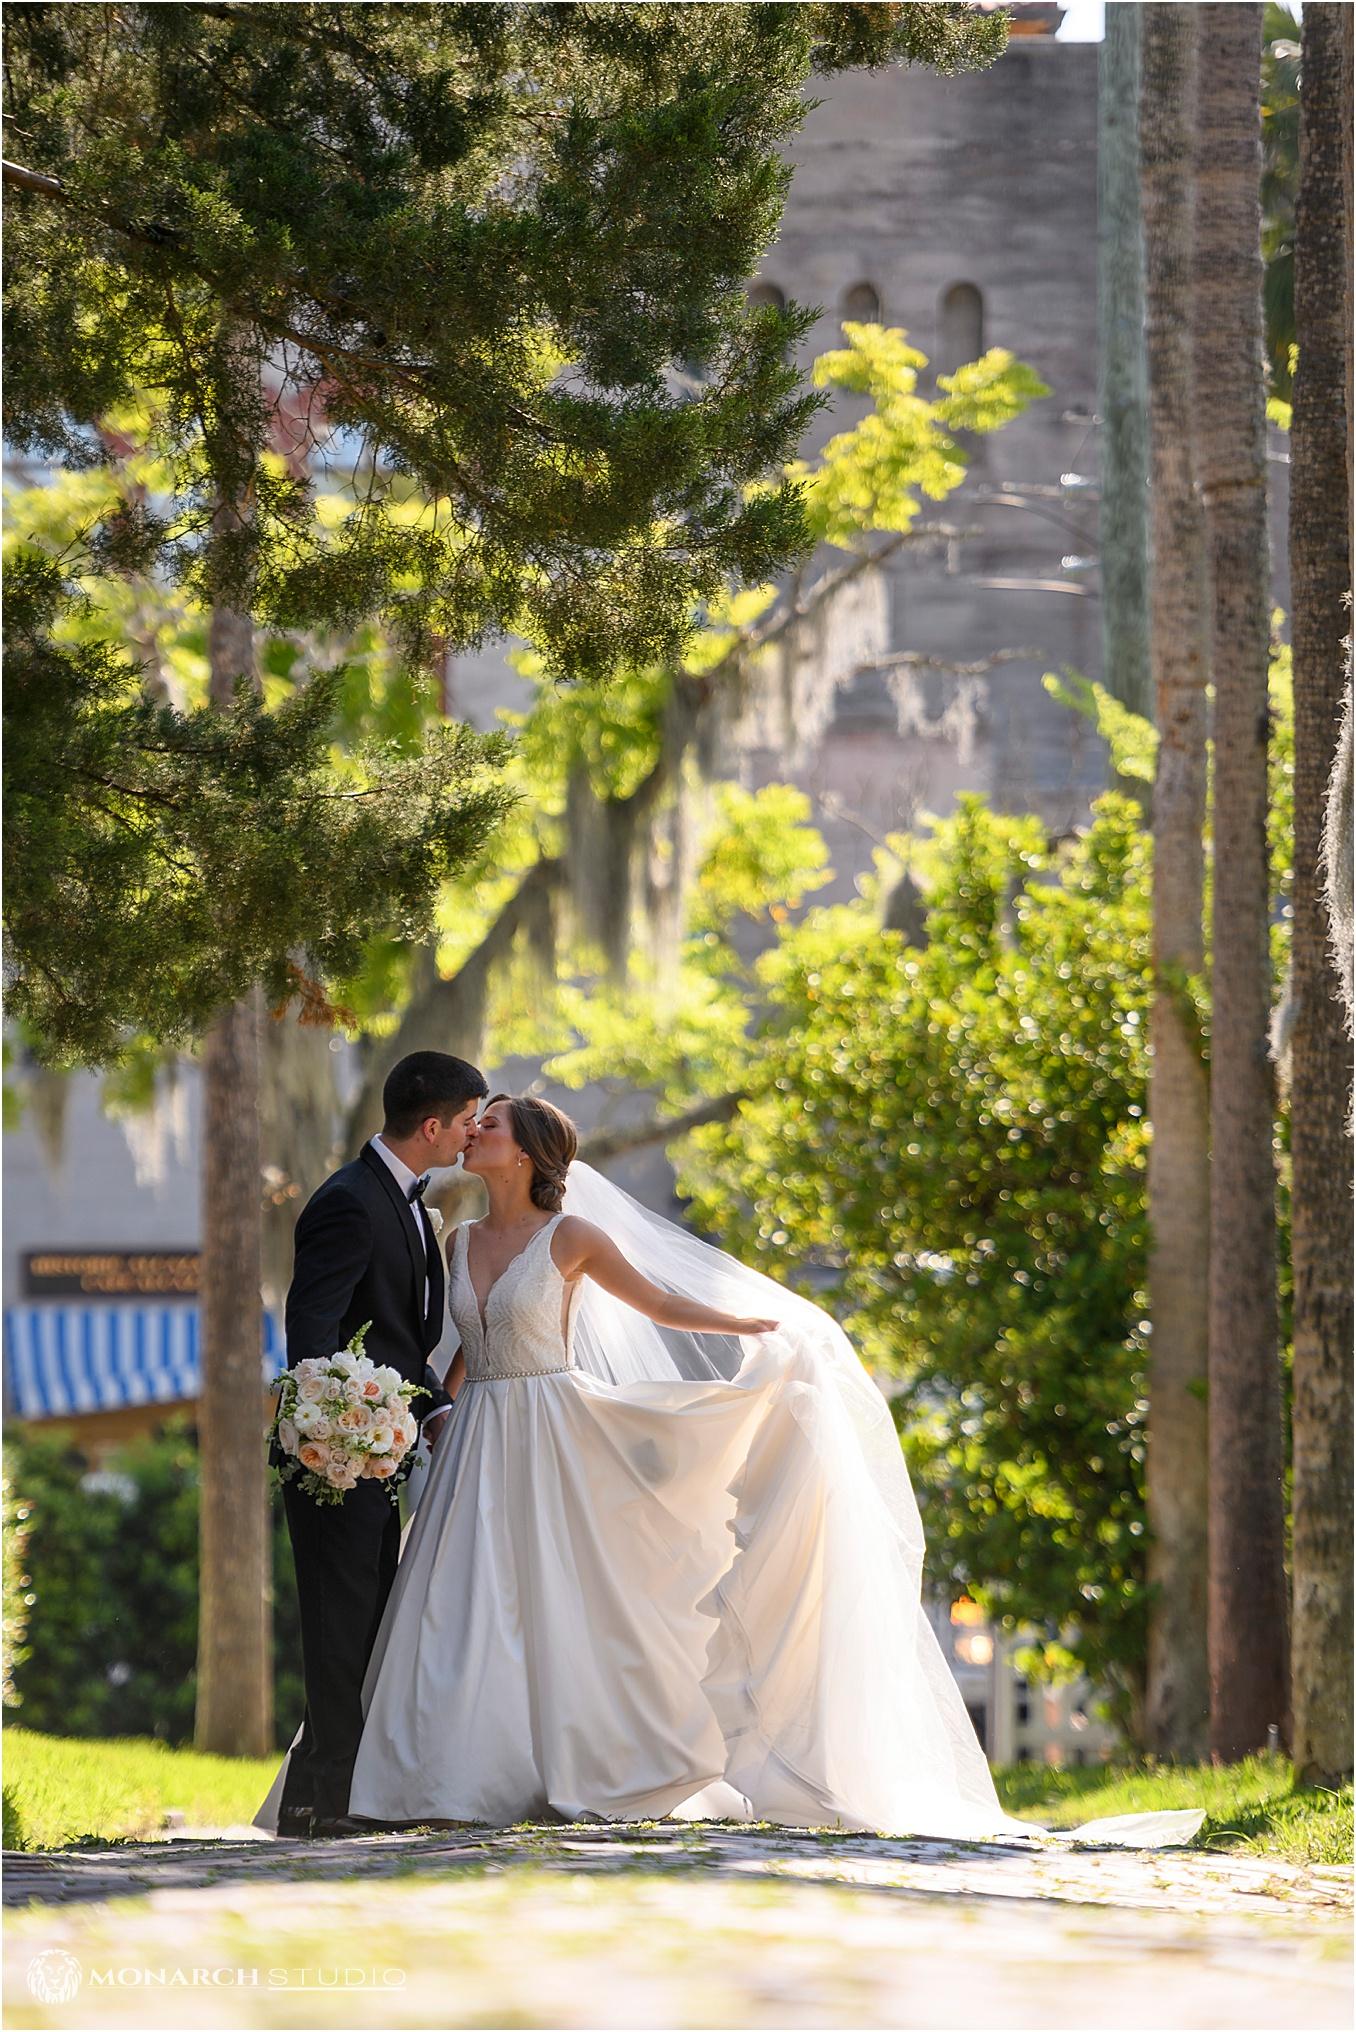 Wedding-PHotographer-in-st-augustine-2019-069.jpg